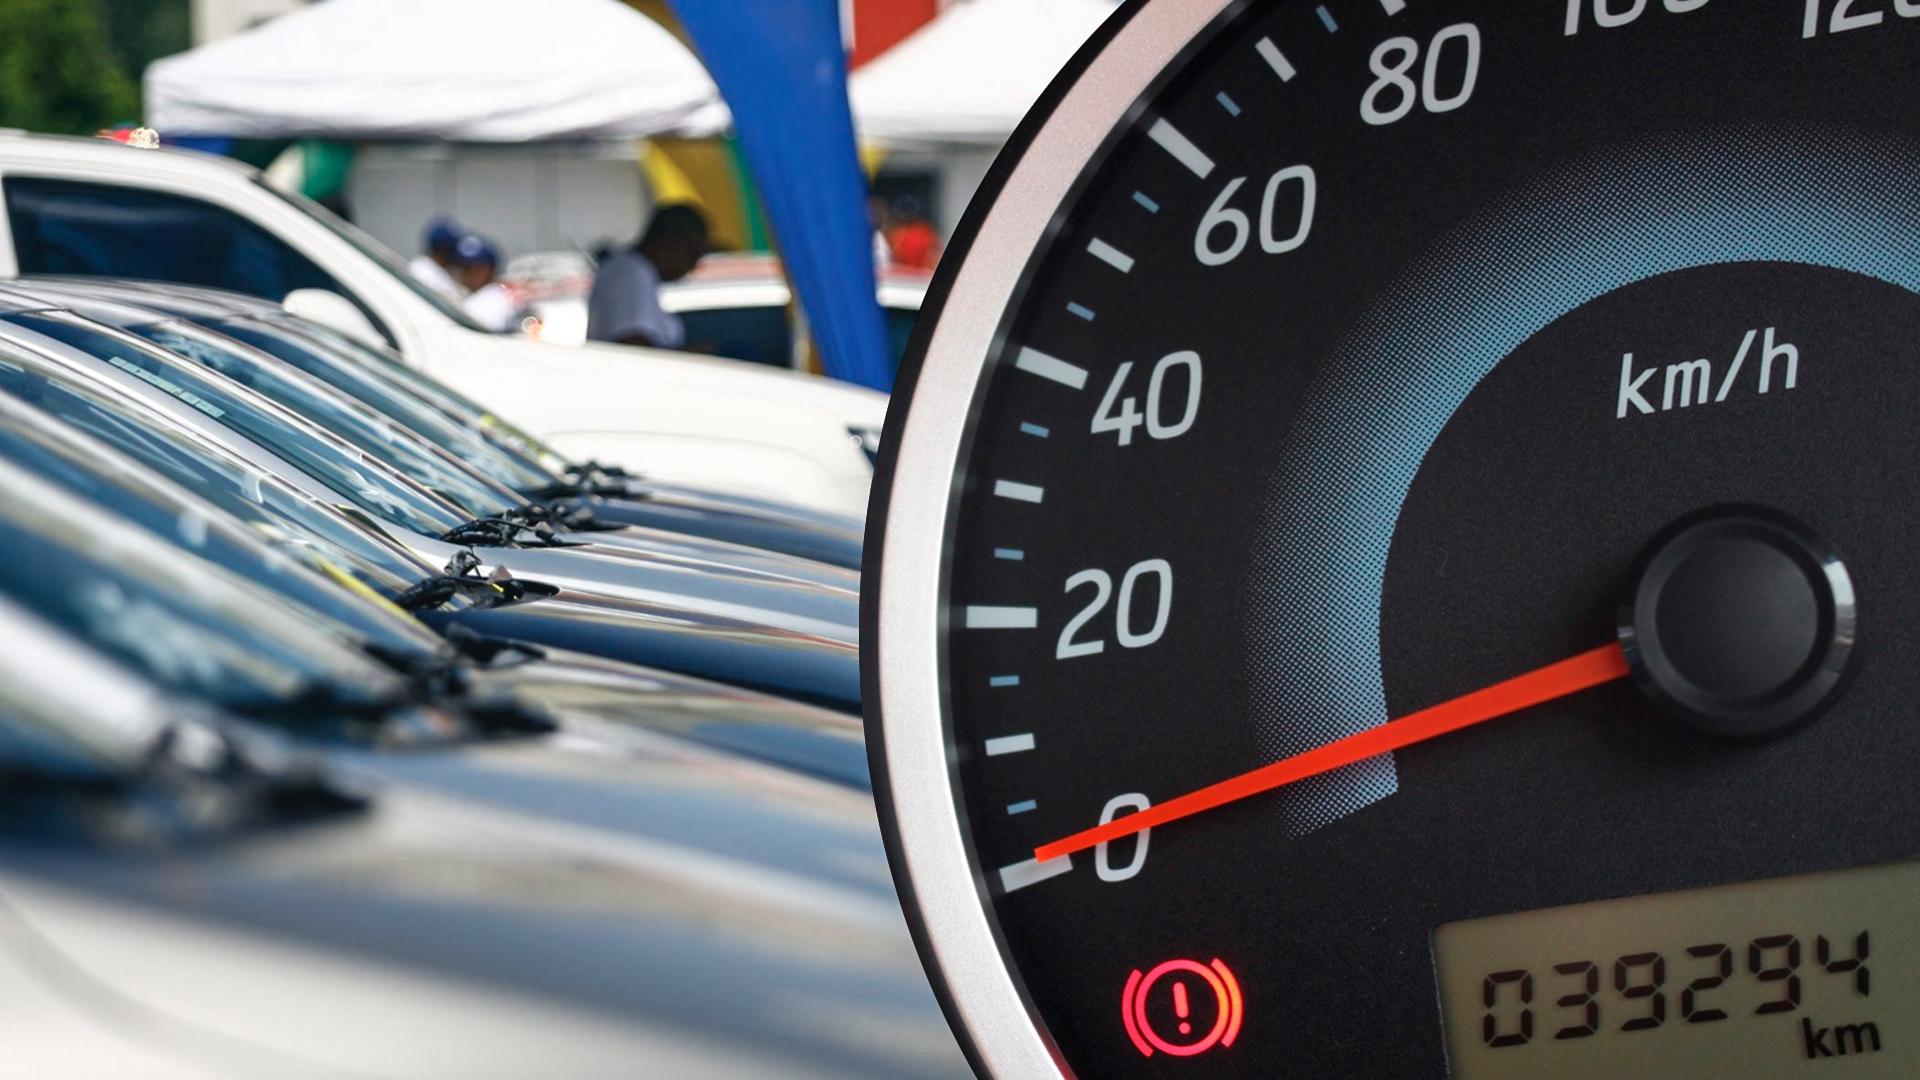 Baixa quilometragem não significa que o carro usado está em bom estado